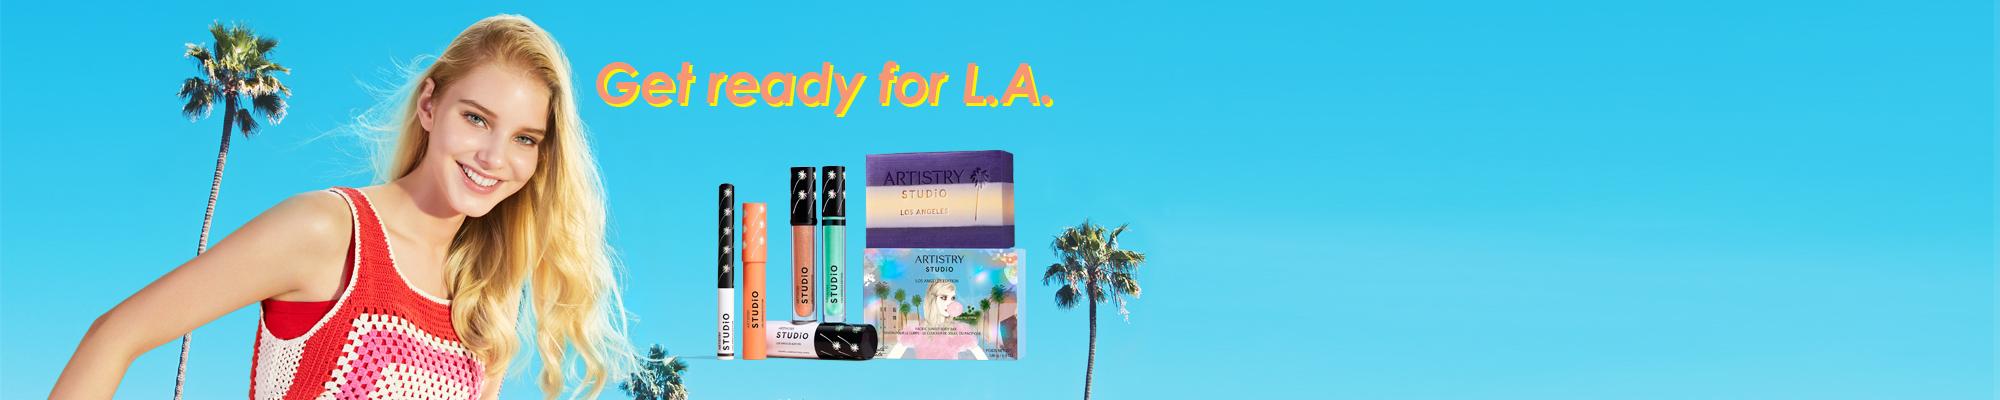 AS LA - Launch Material - Banner Desktop.jpg